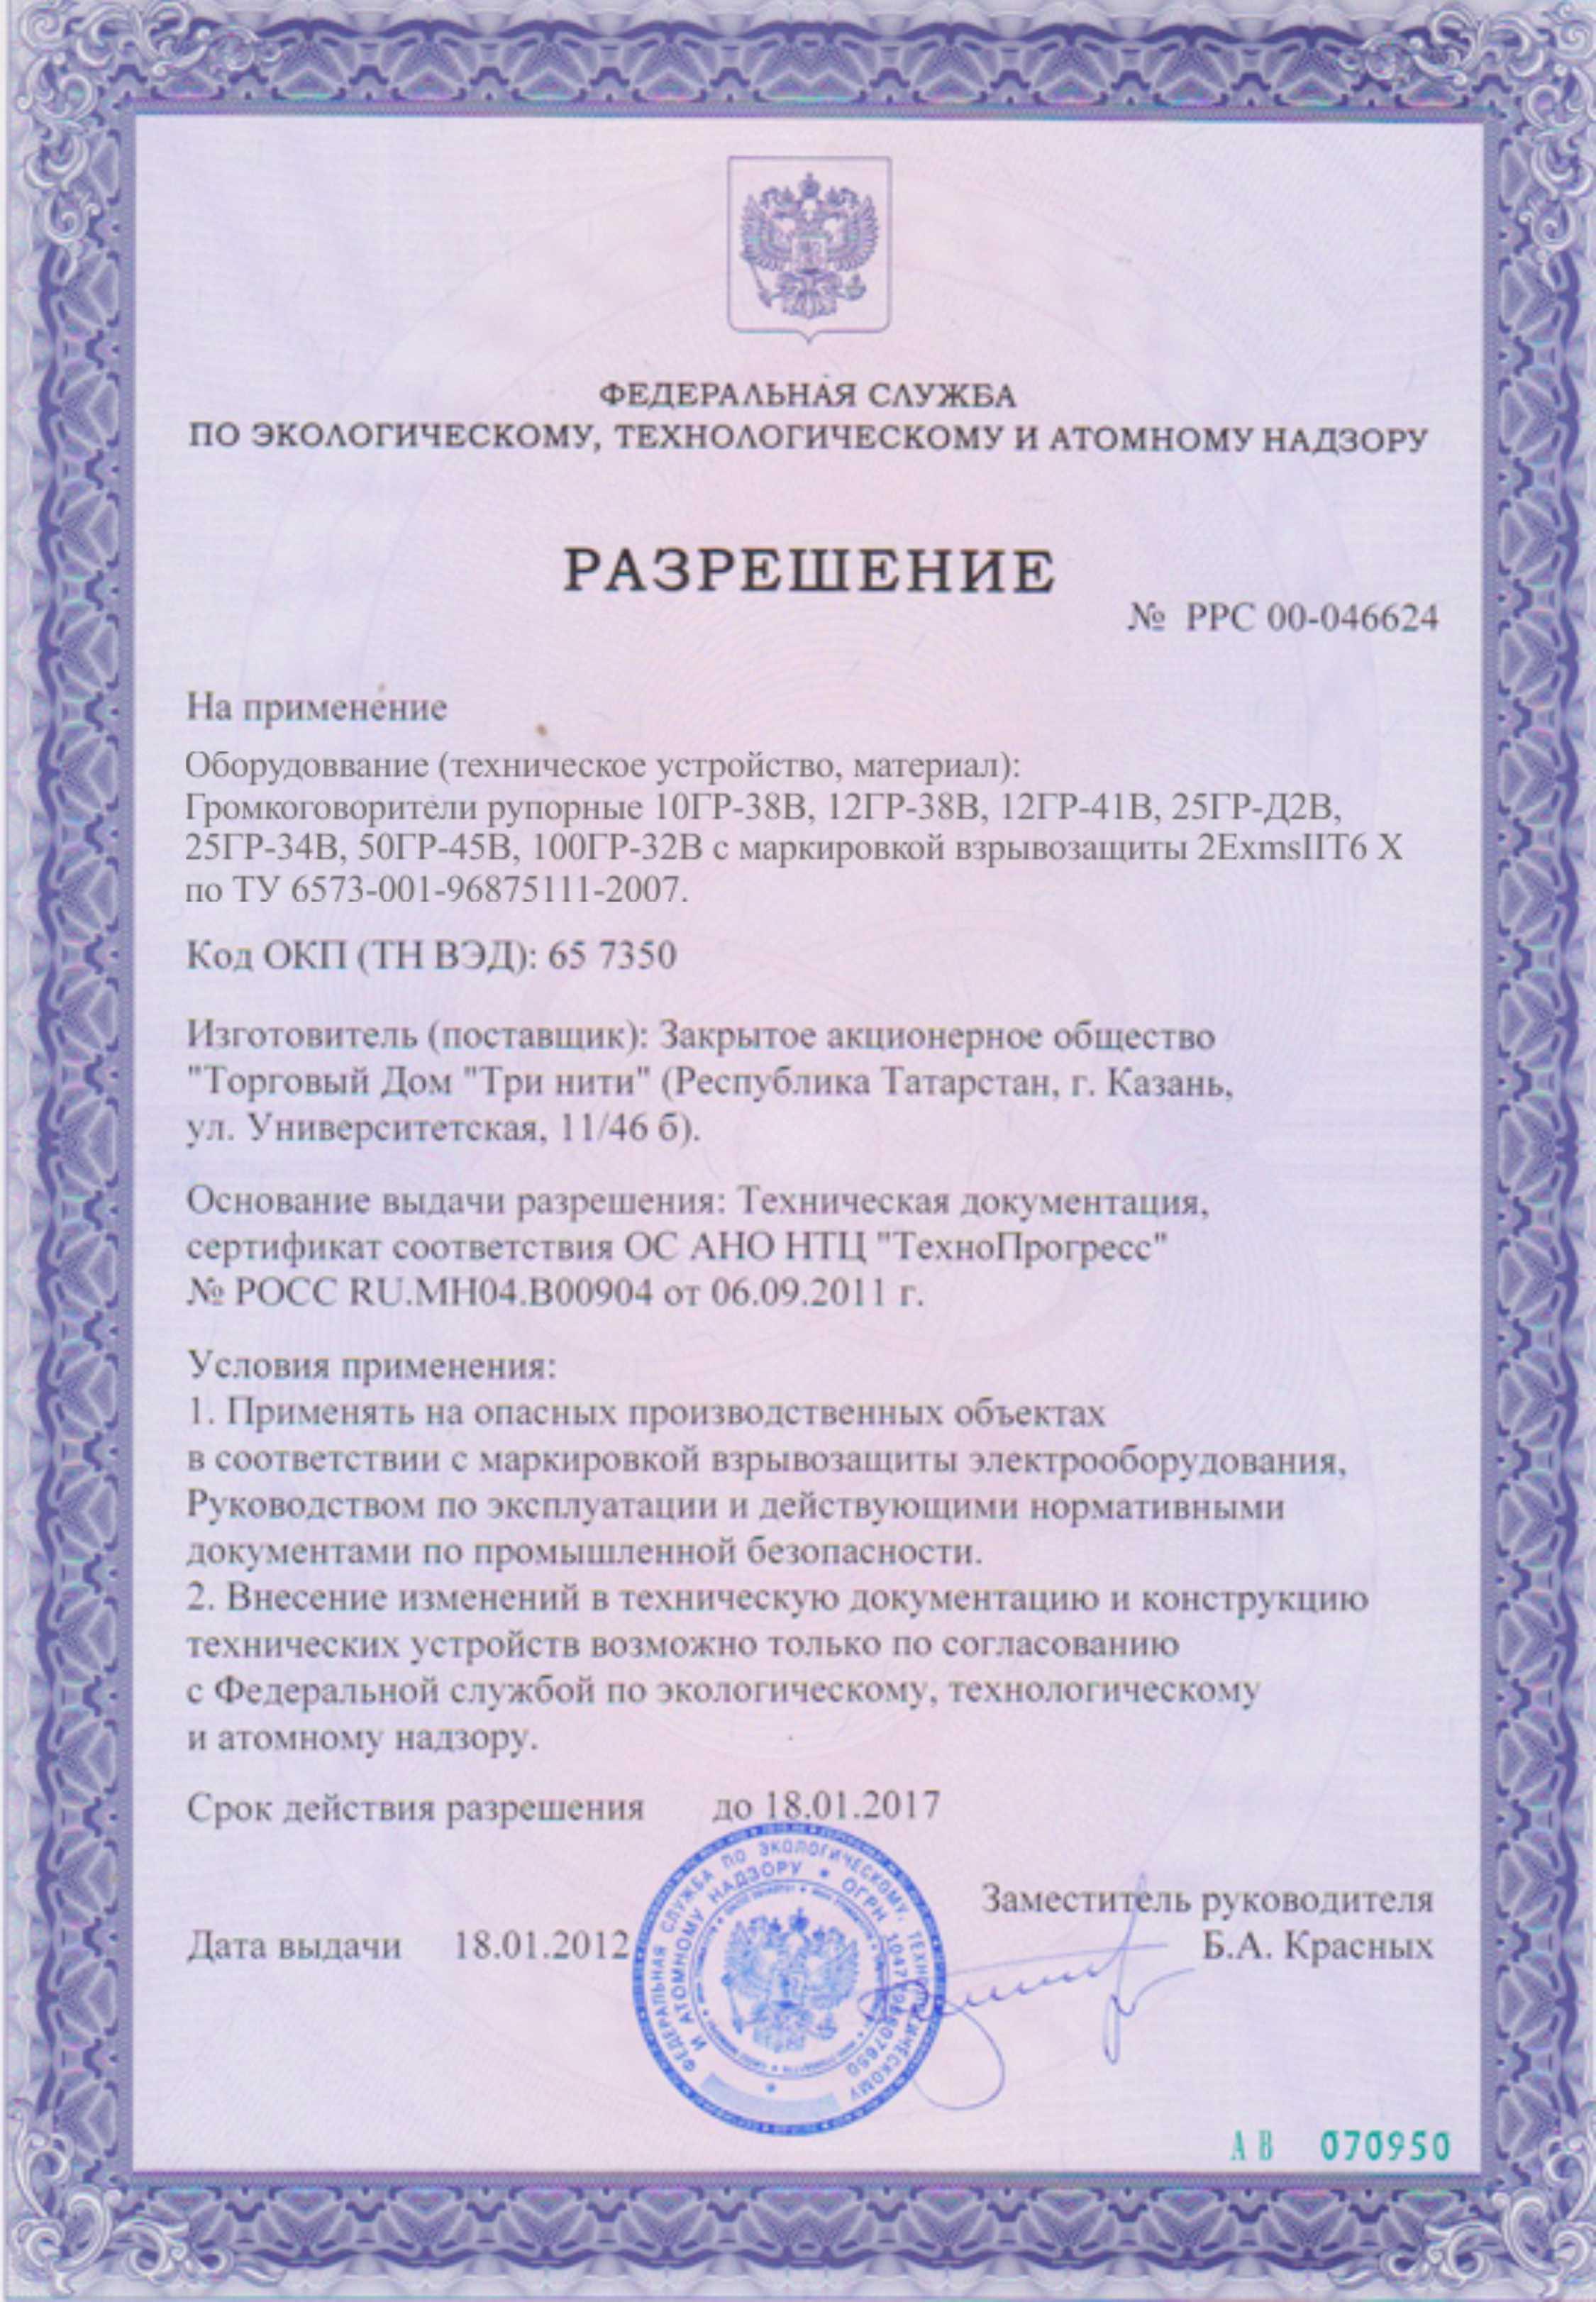 Разрешение ФС по ЭТиАН по 18.01.2017 г.